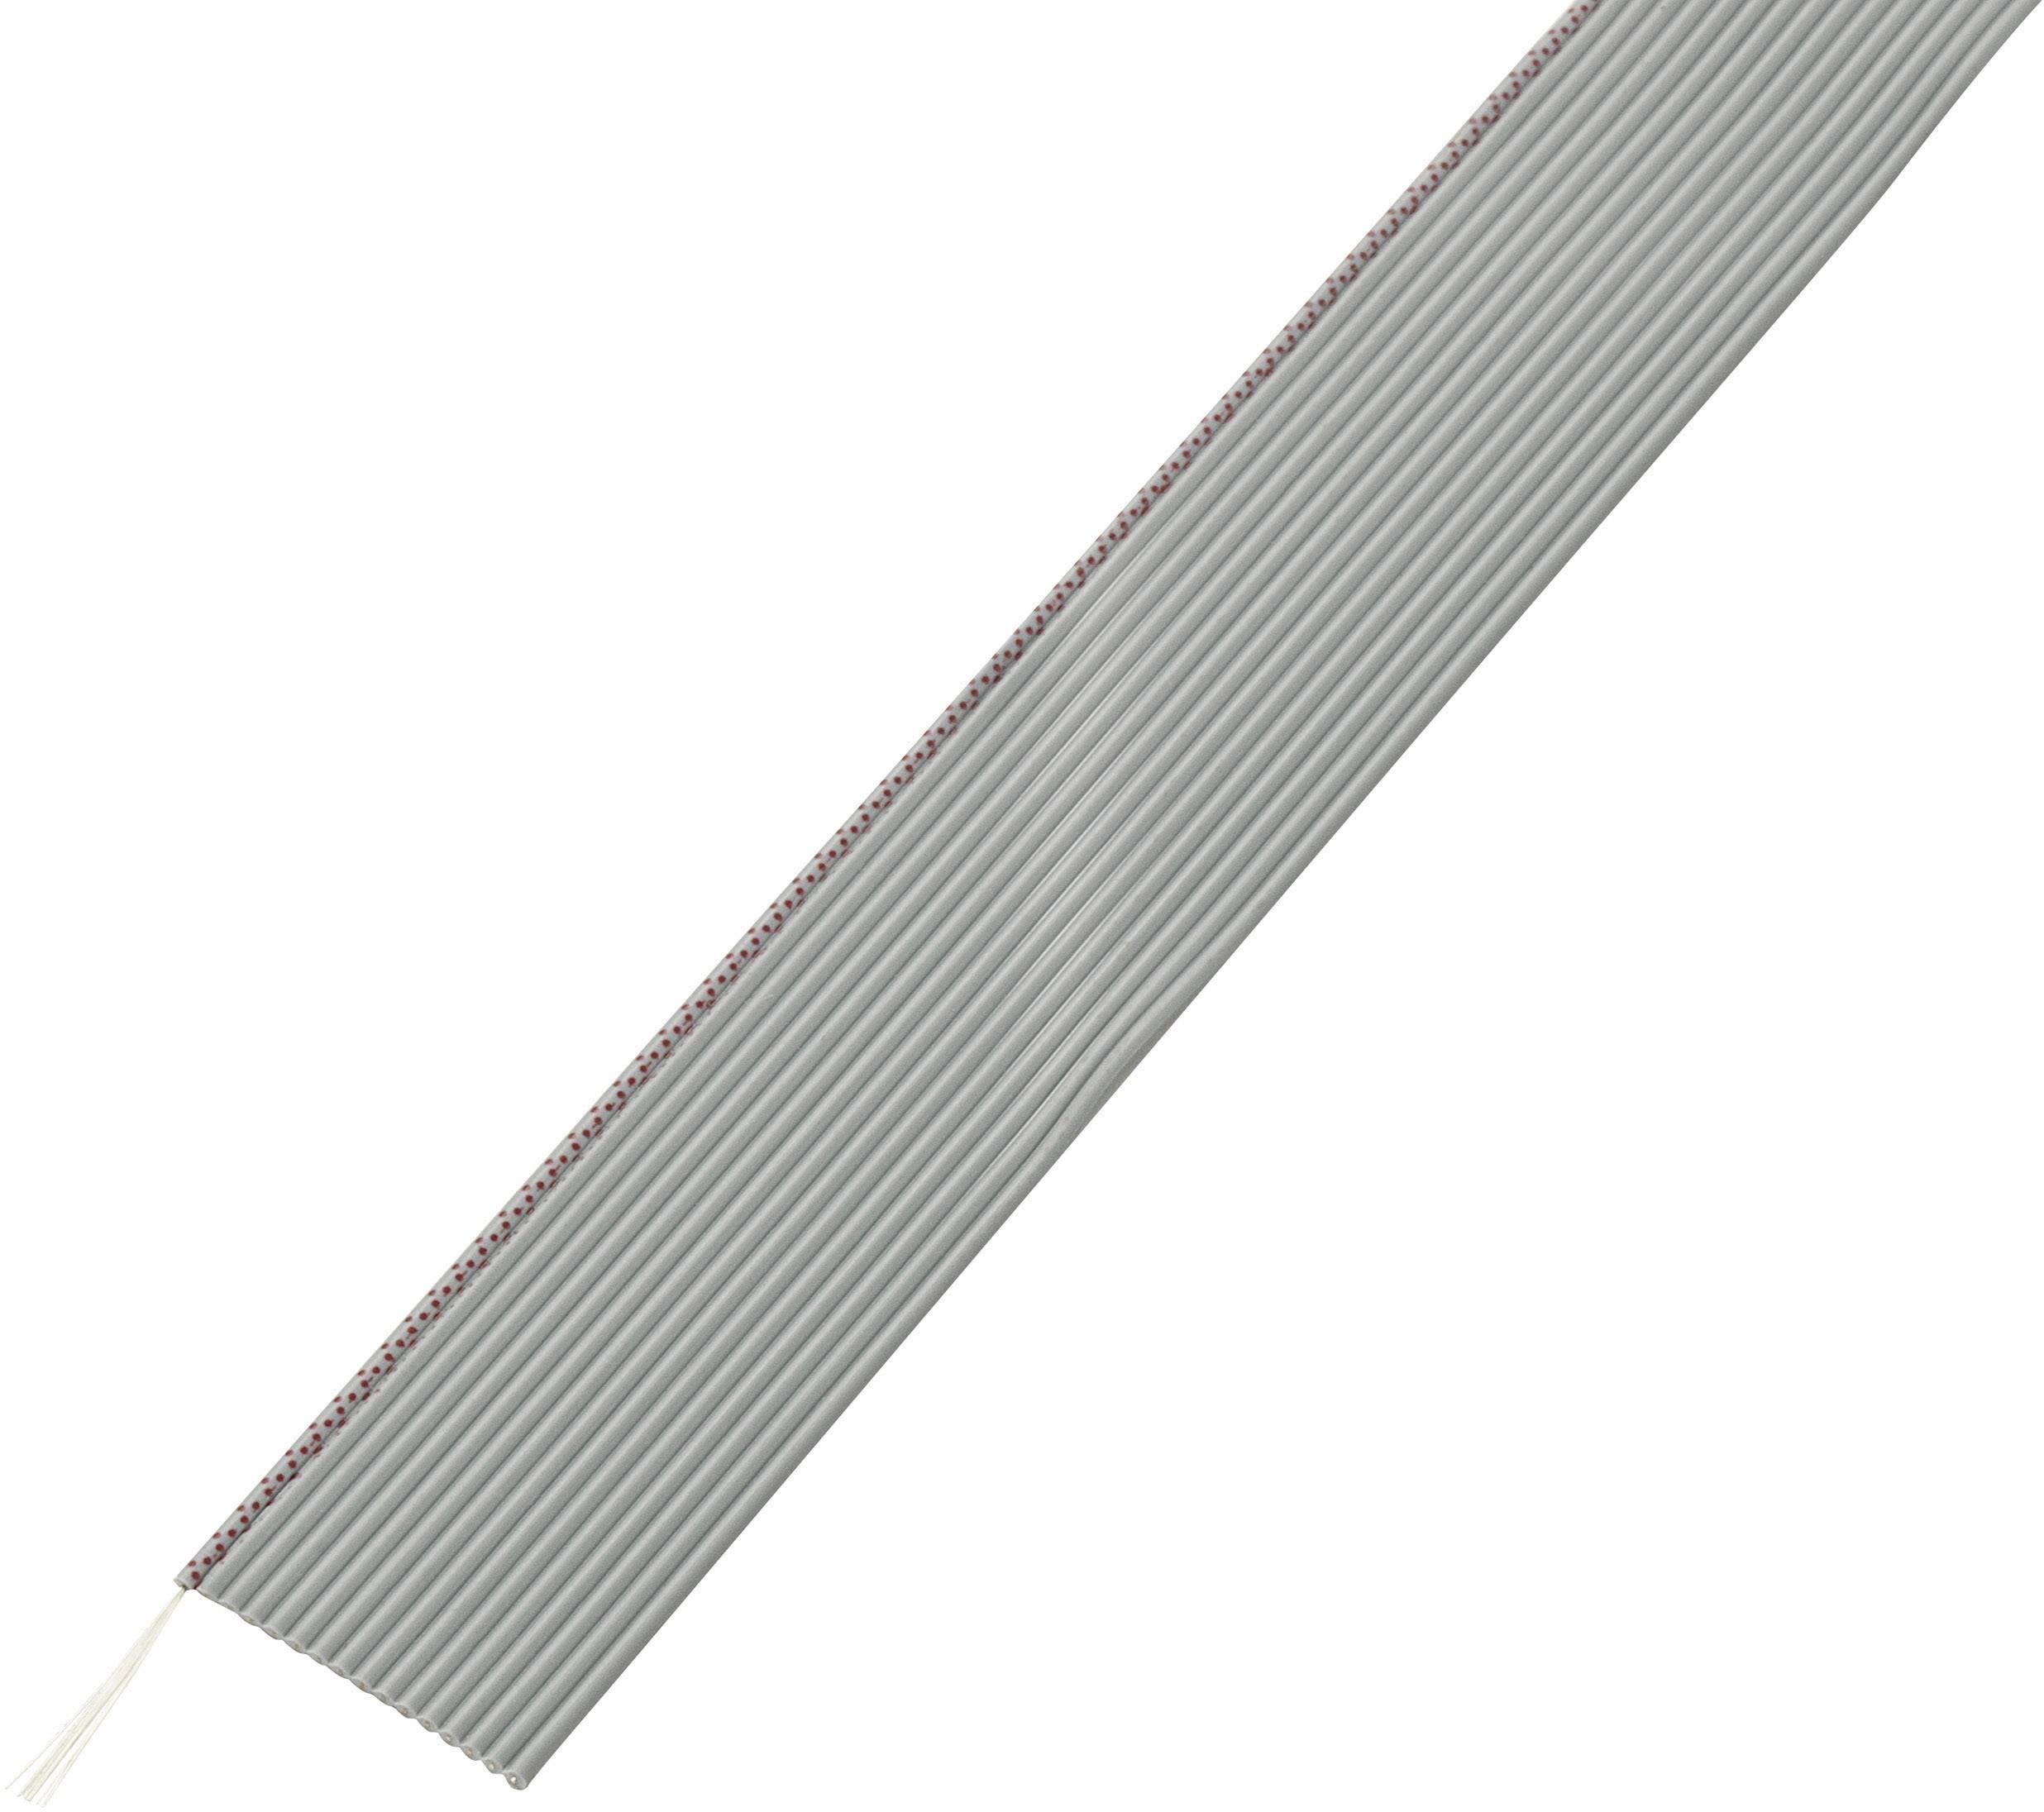 Plochý kabel TRU COMPONENTS 1567185, rozteč 1.27 mm, 10 x 0.035 mm², šedá, 30.5 m